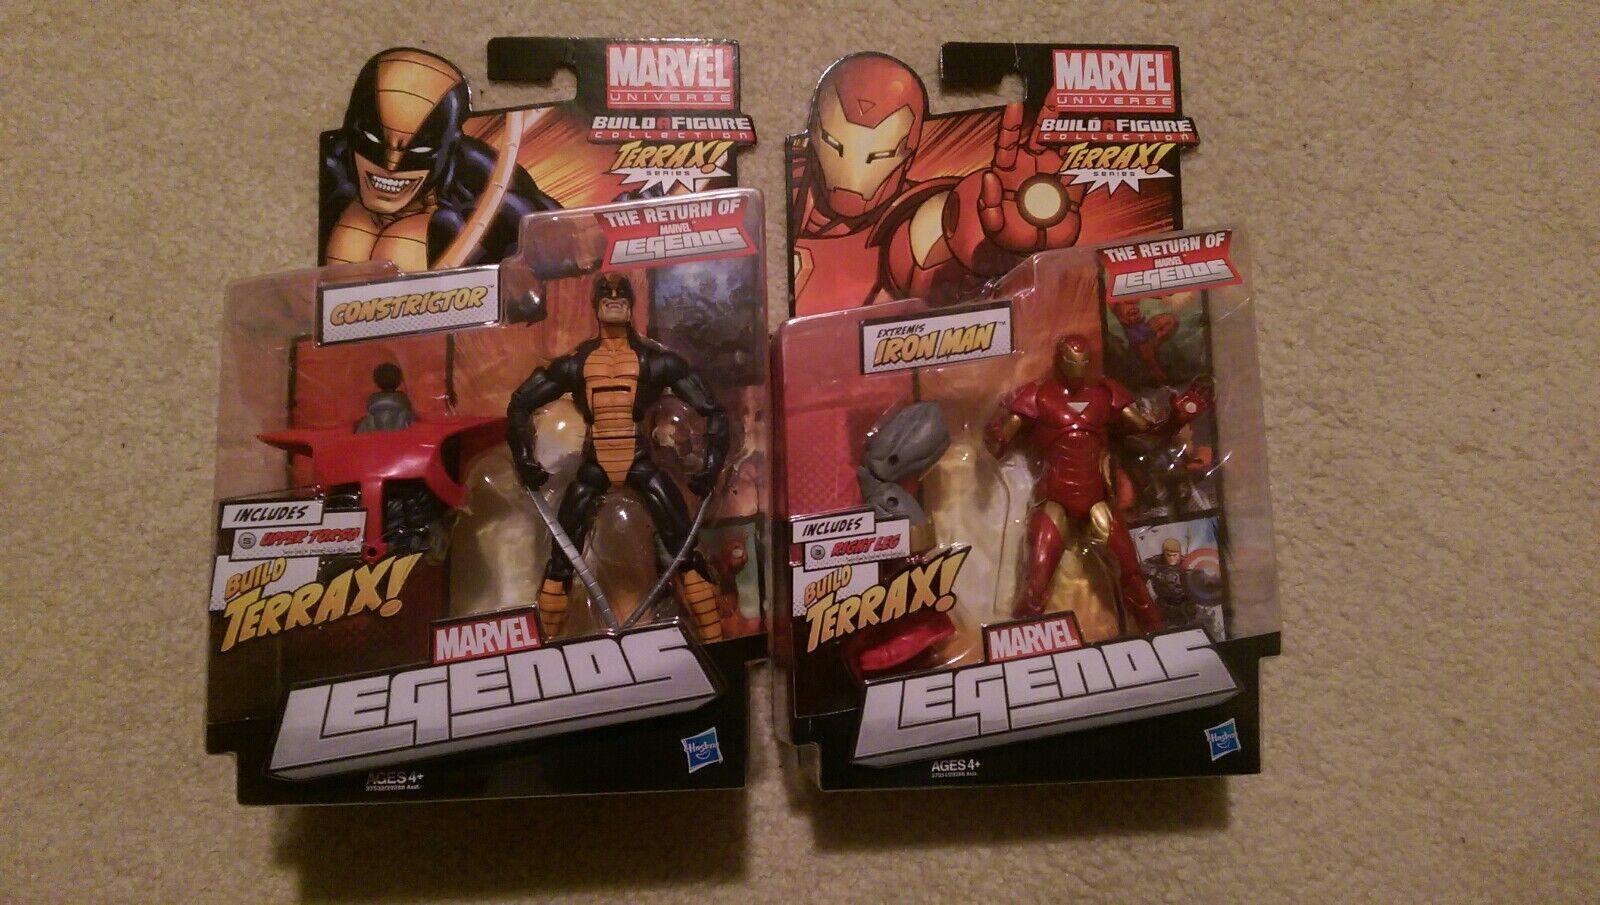 Marvel - legenden terrax baf iron - man - constrictor figur viel